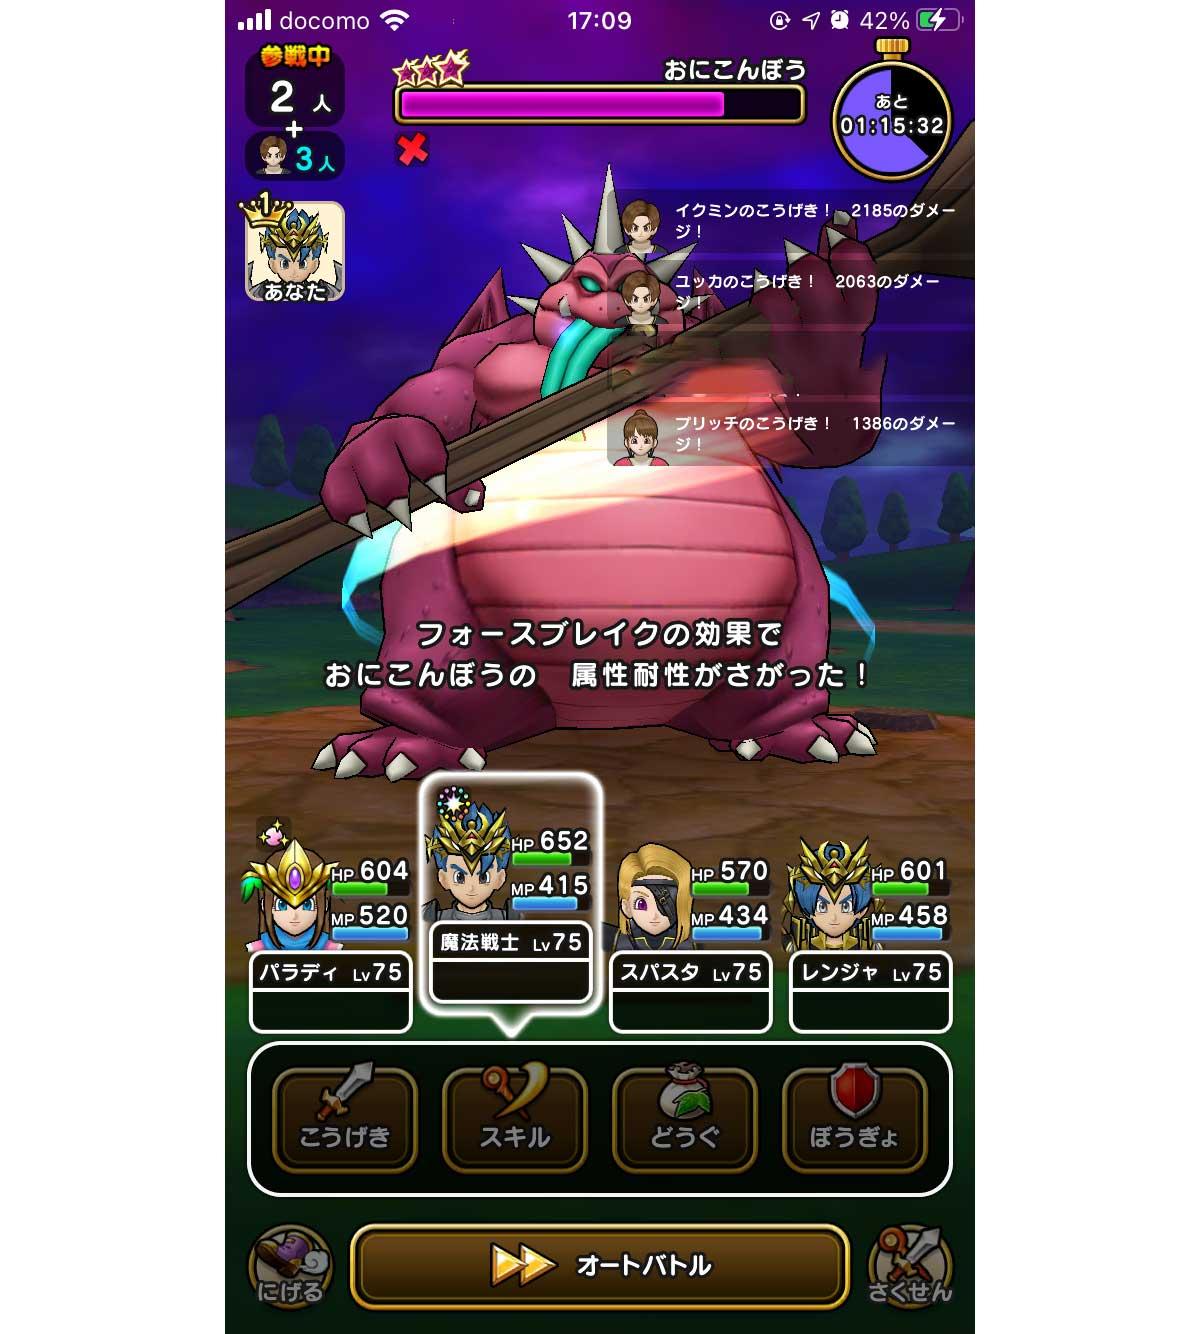 おにこんぼうに勝てない人への安定攻略法!スーパースターをメガモン戦に活用しフルオートで鬼棍棒を倒そうう! dragonquest-walk-onikonbo-img_5821